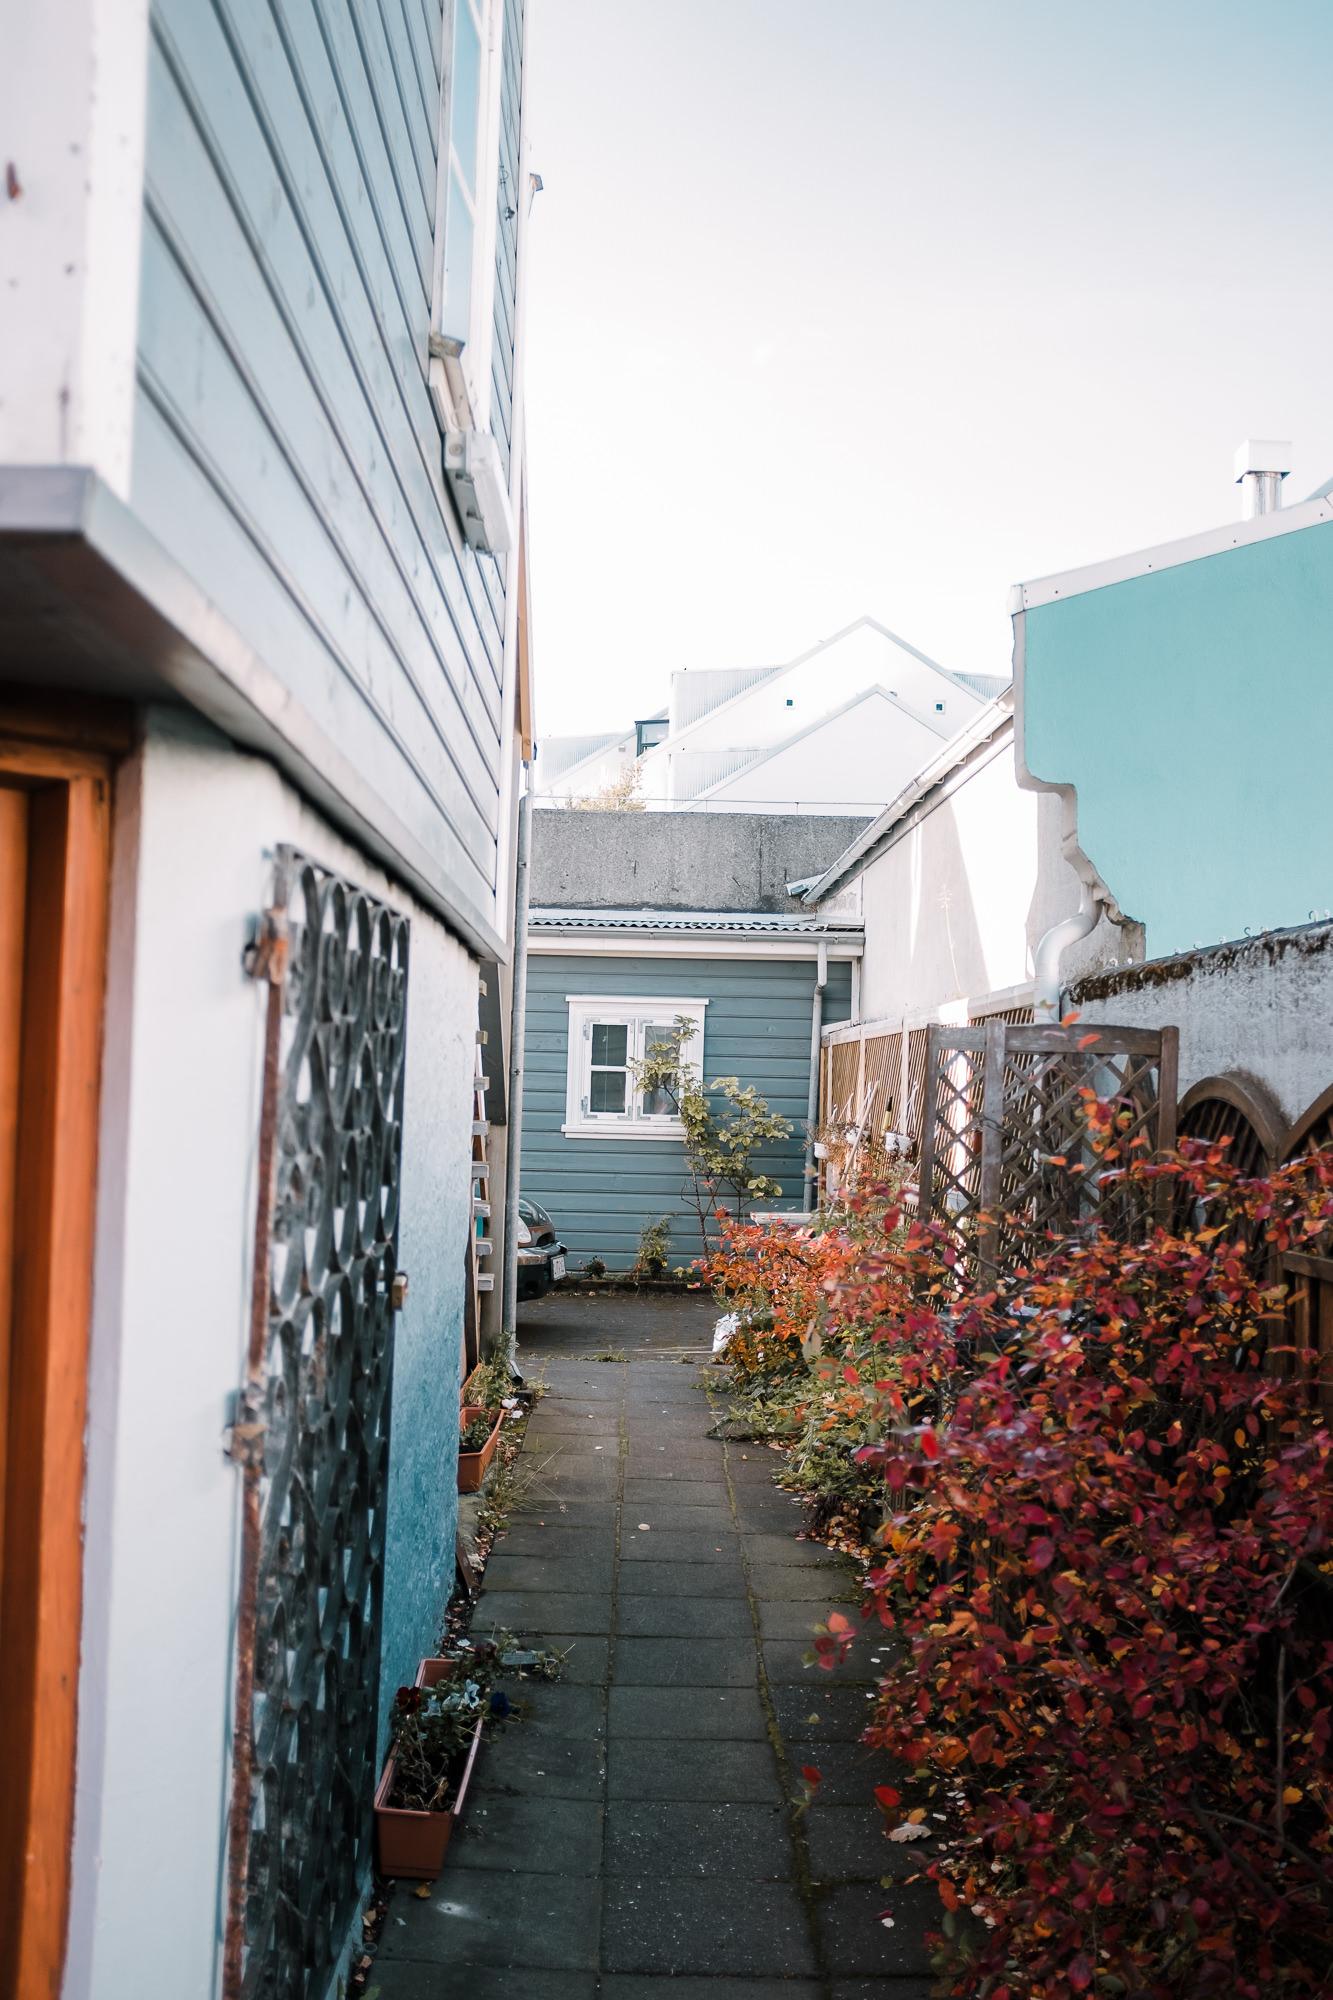 iceland.vik.reykjavik.elopement.©2018mileswittboyer-4.jpg